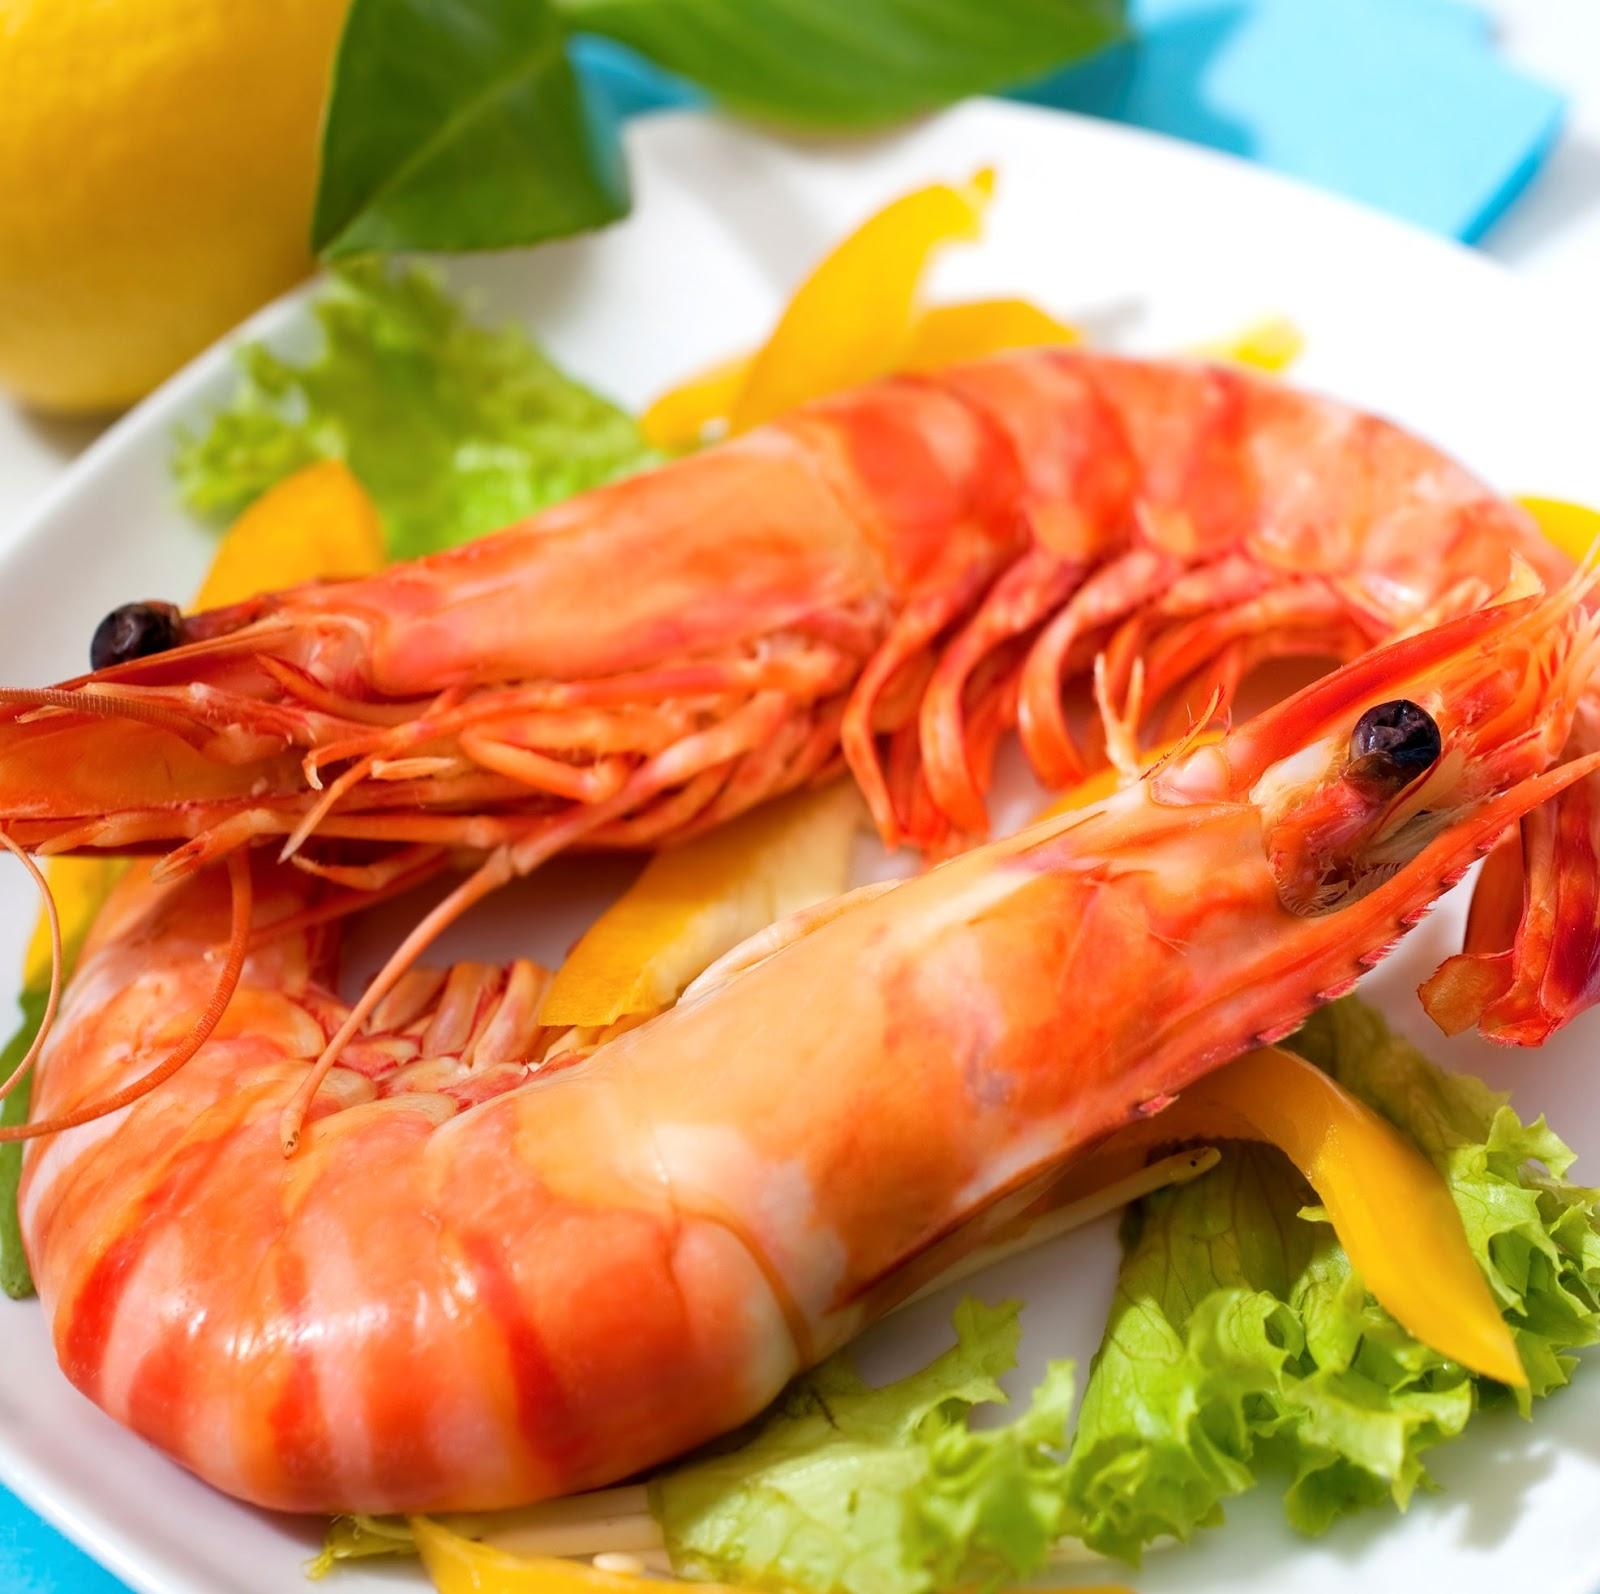 Banco de im genes 9 fotos de comida del mar carnes y - Fotos de comodas ...